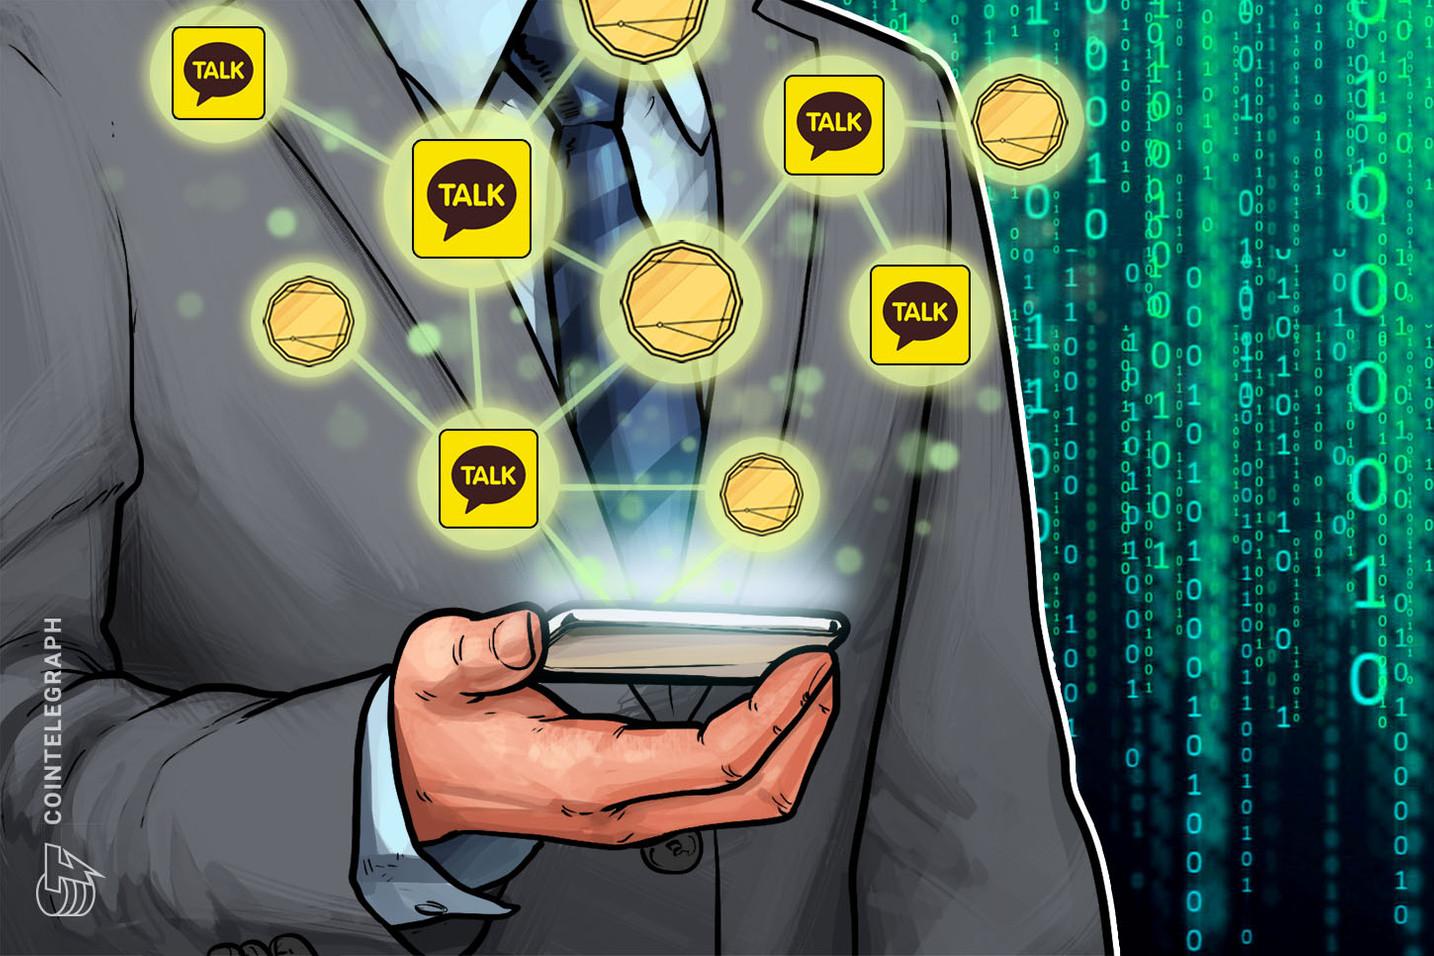 Južnokorejski Kakao integriše kripto novčanik u aplikaciju za razmenu poruka